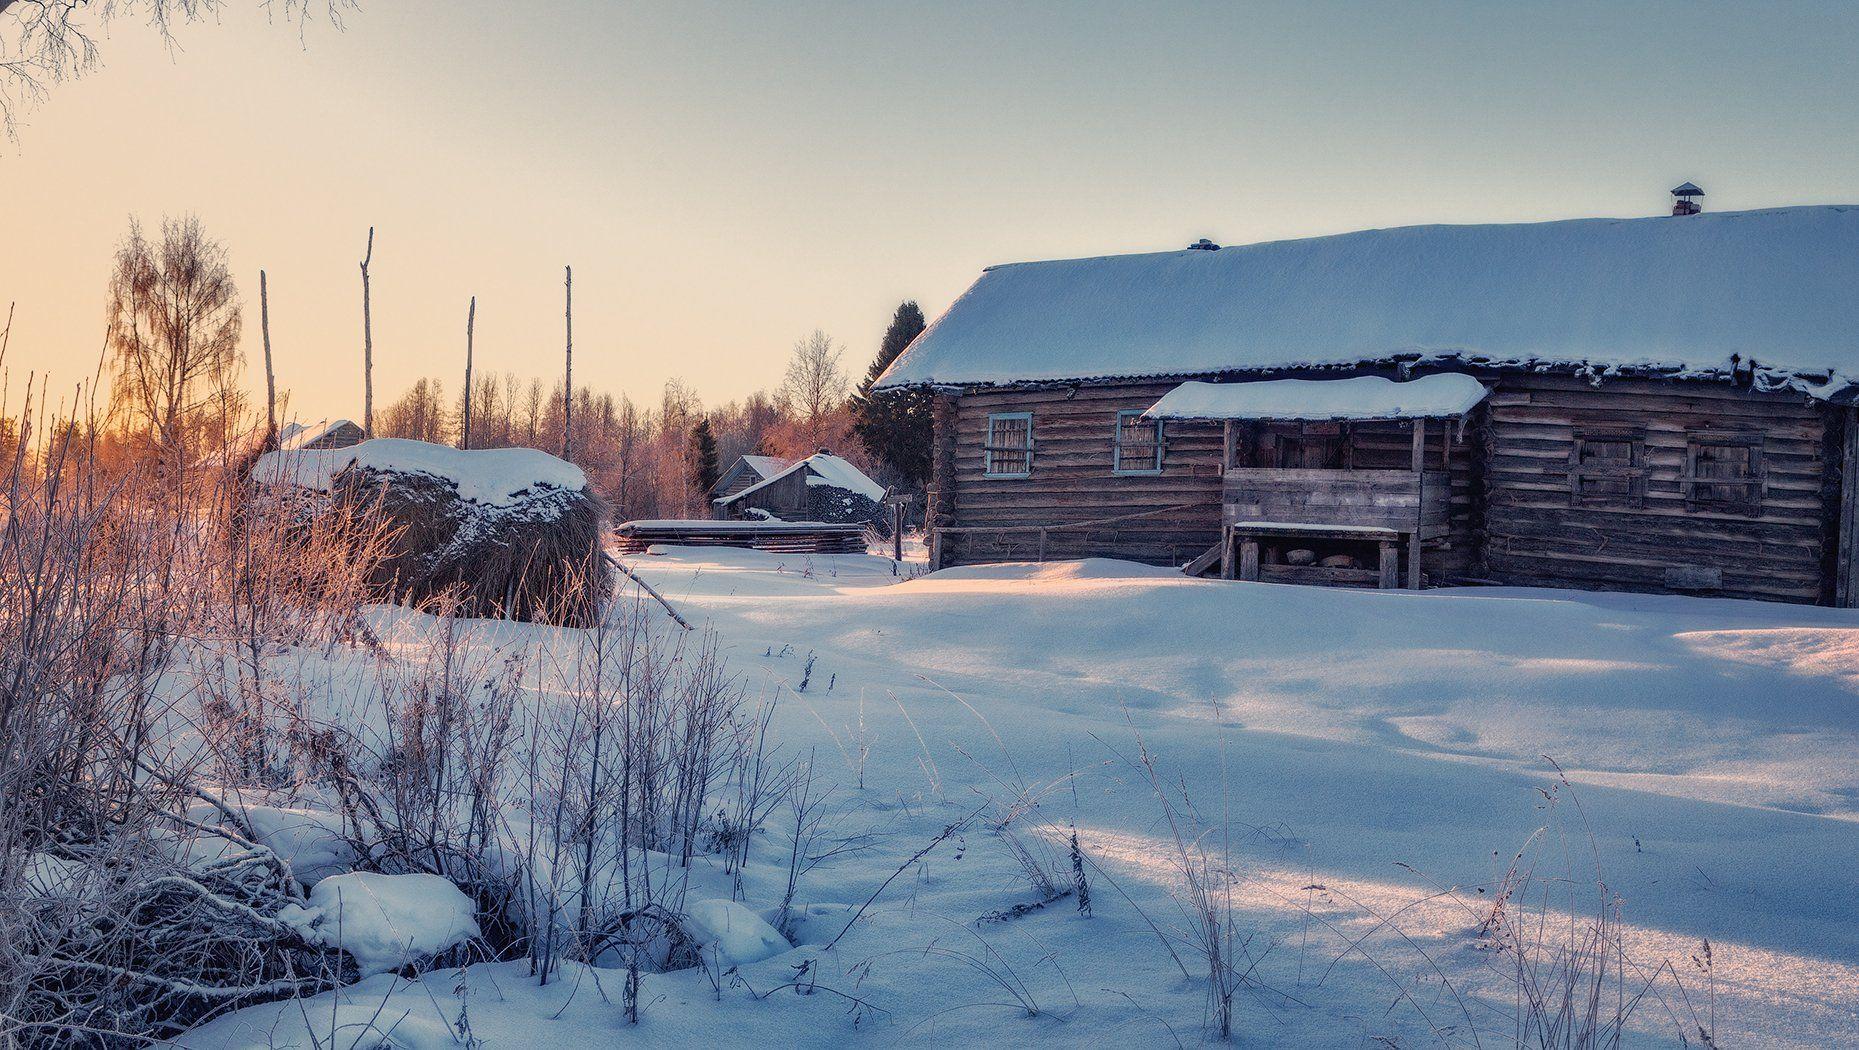 кенозерье, зима, снег, деревня, Липецких Владимир